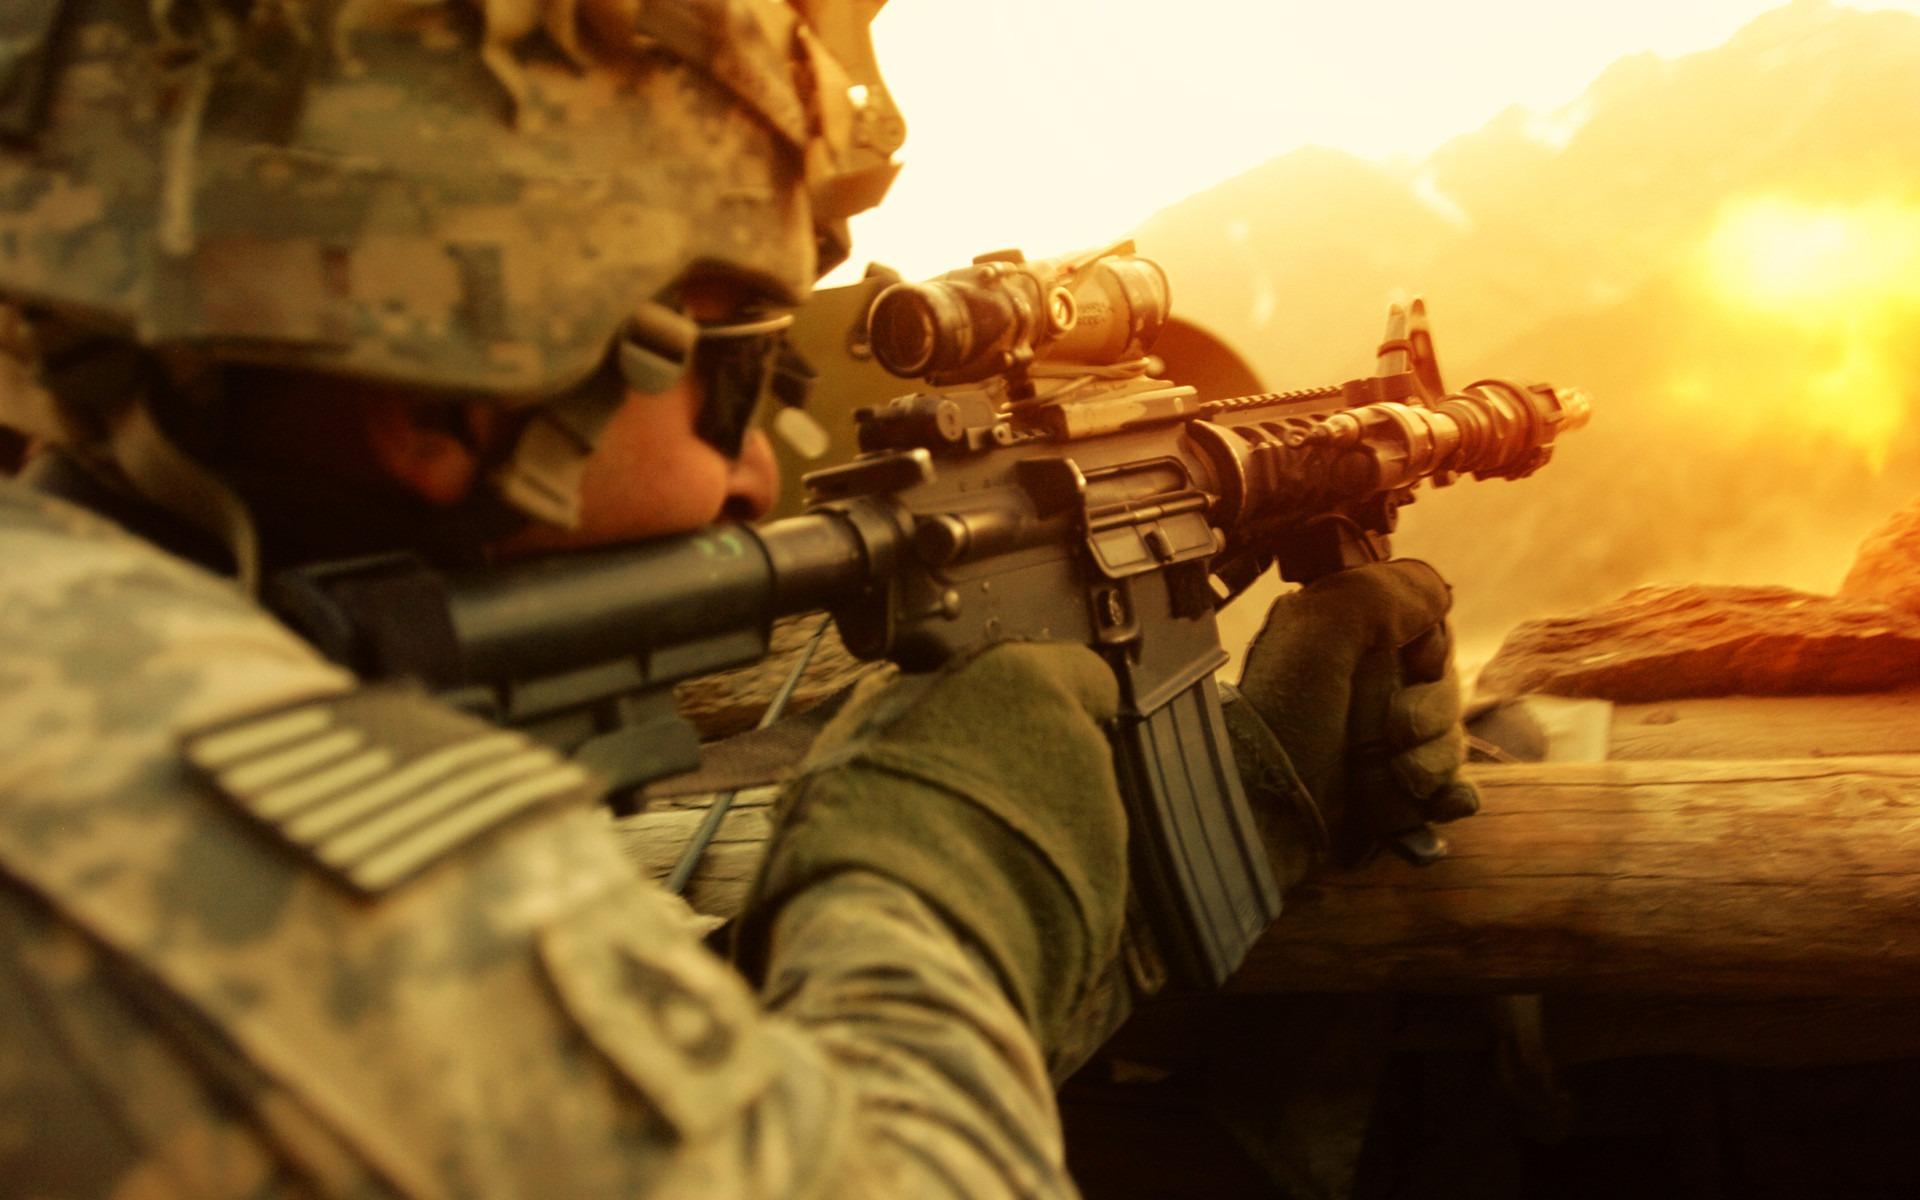 米軍兵士 軍事hdの壁紙プレビュー 10wallpaper Com